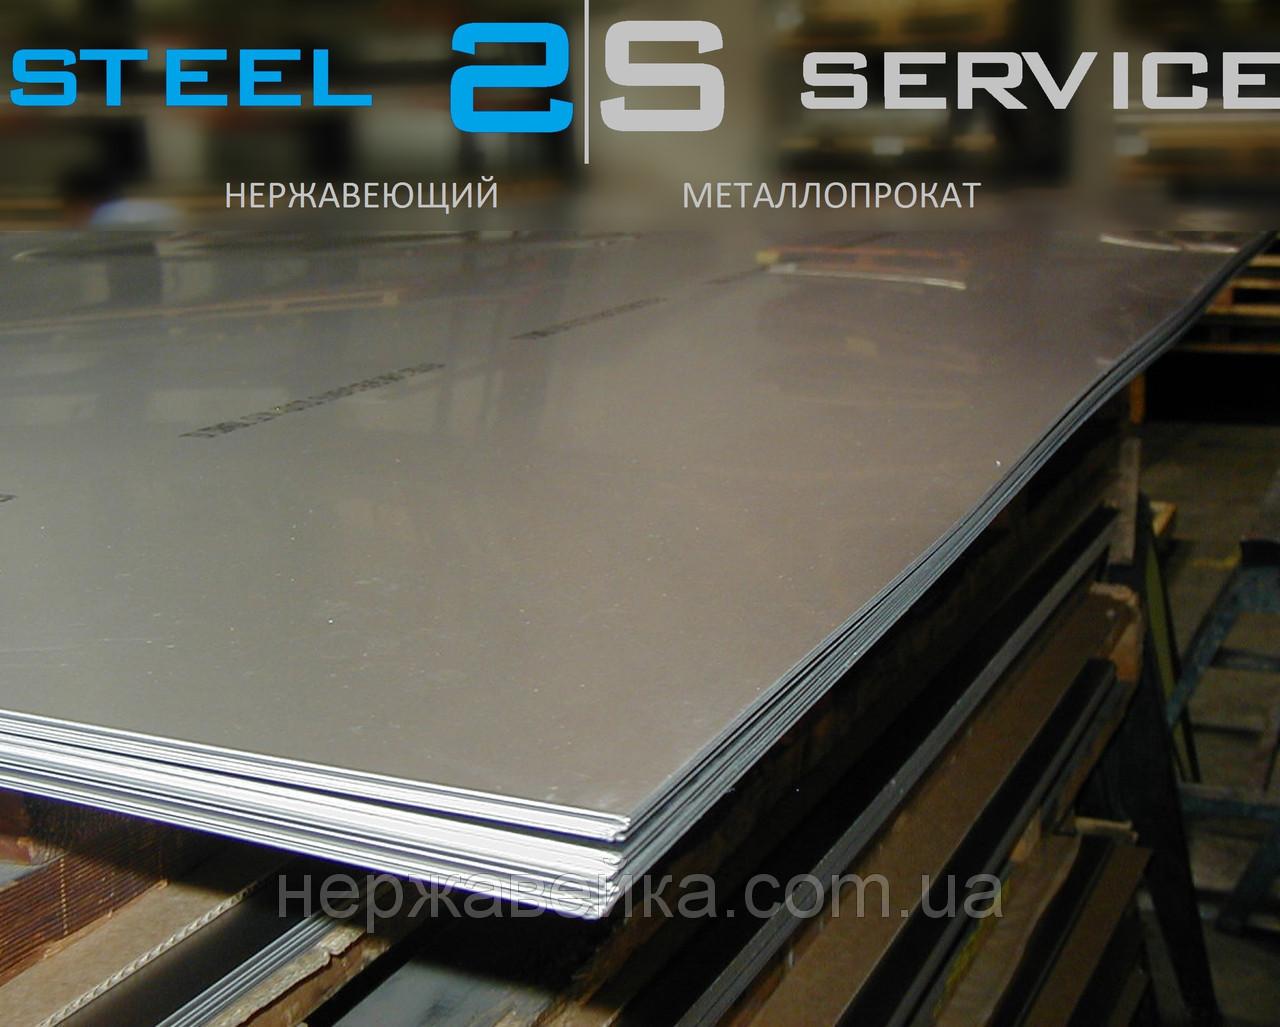 Нержавейка лист 0,5х1000х2000мм AISI 316L(03Х17Н14М3) 4N - шлифованный,  кислотостойкий